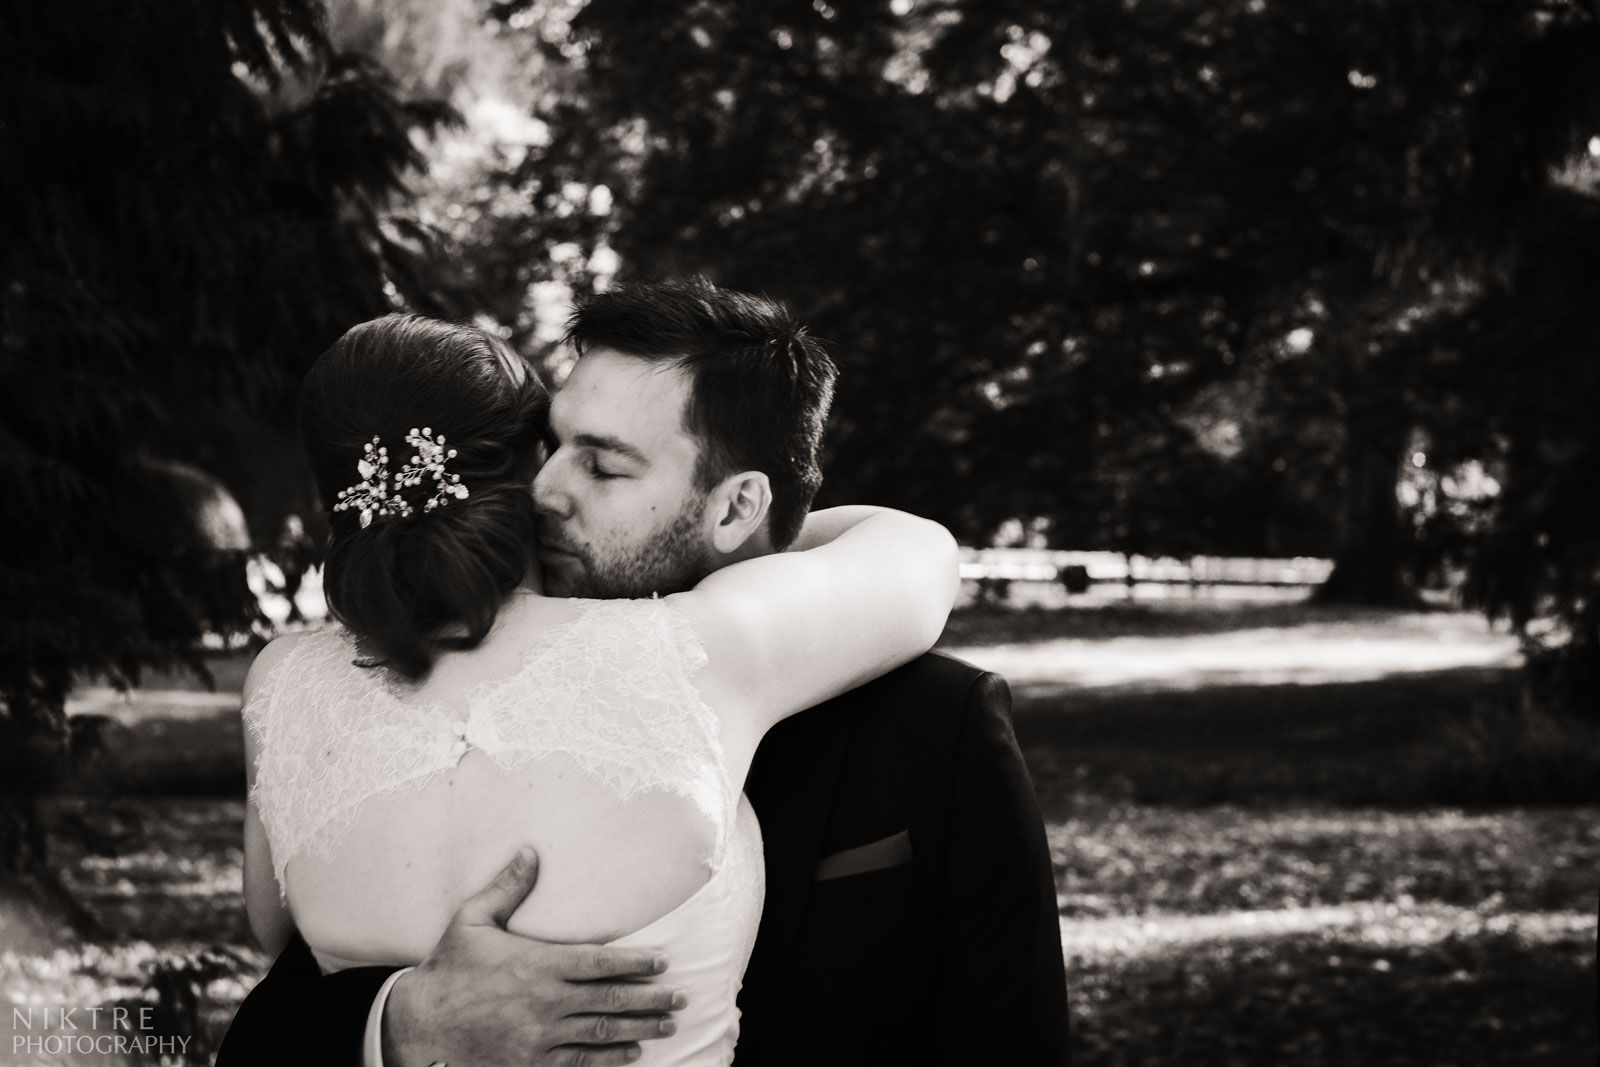 Der First Look - Umarmung vom Brautpaar